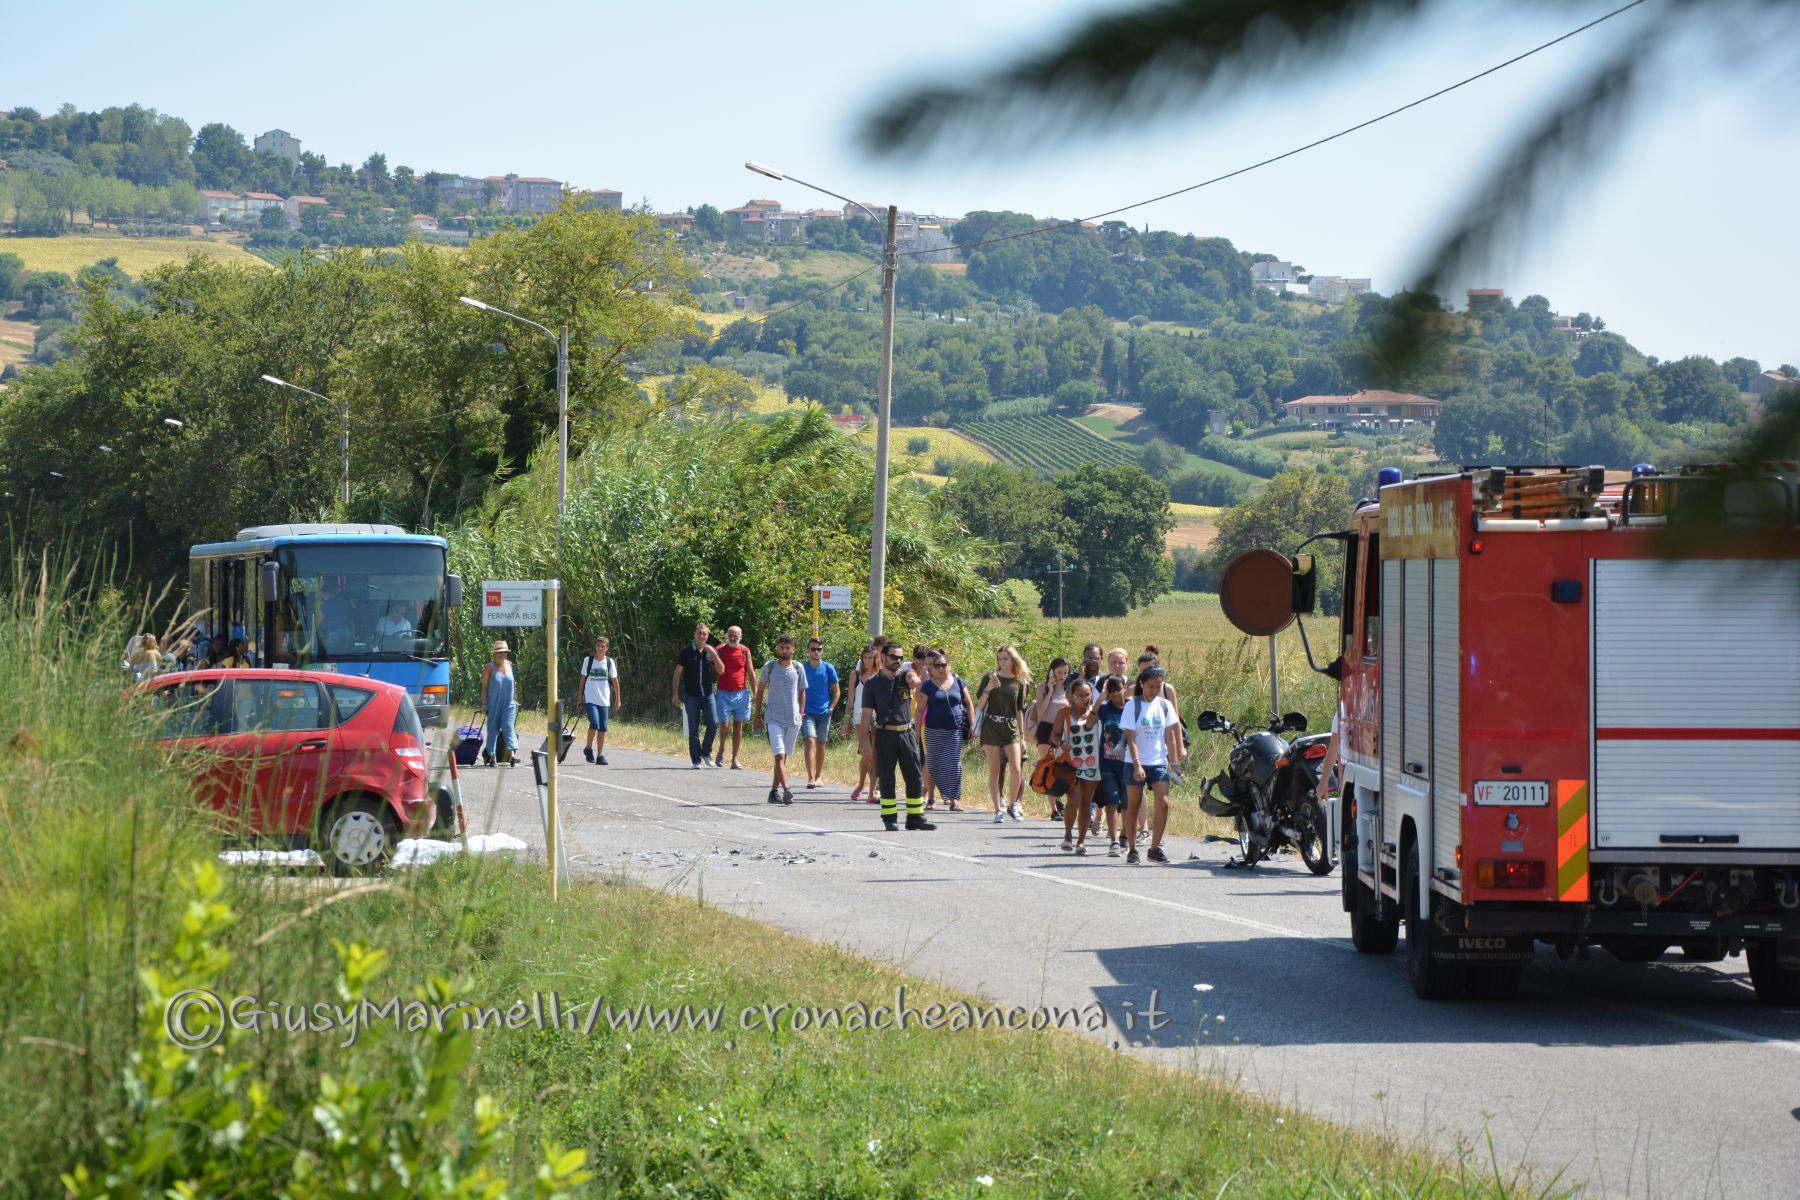 incidente_Camerano-Chiucconi-DSC_0598